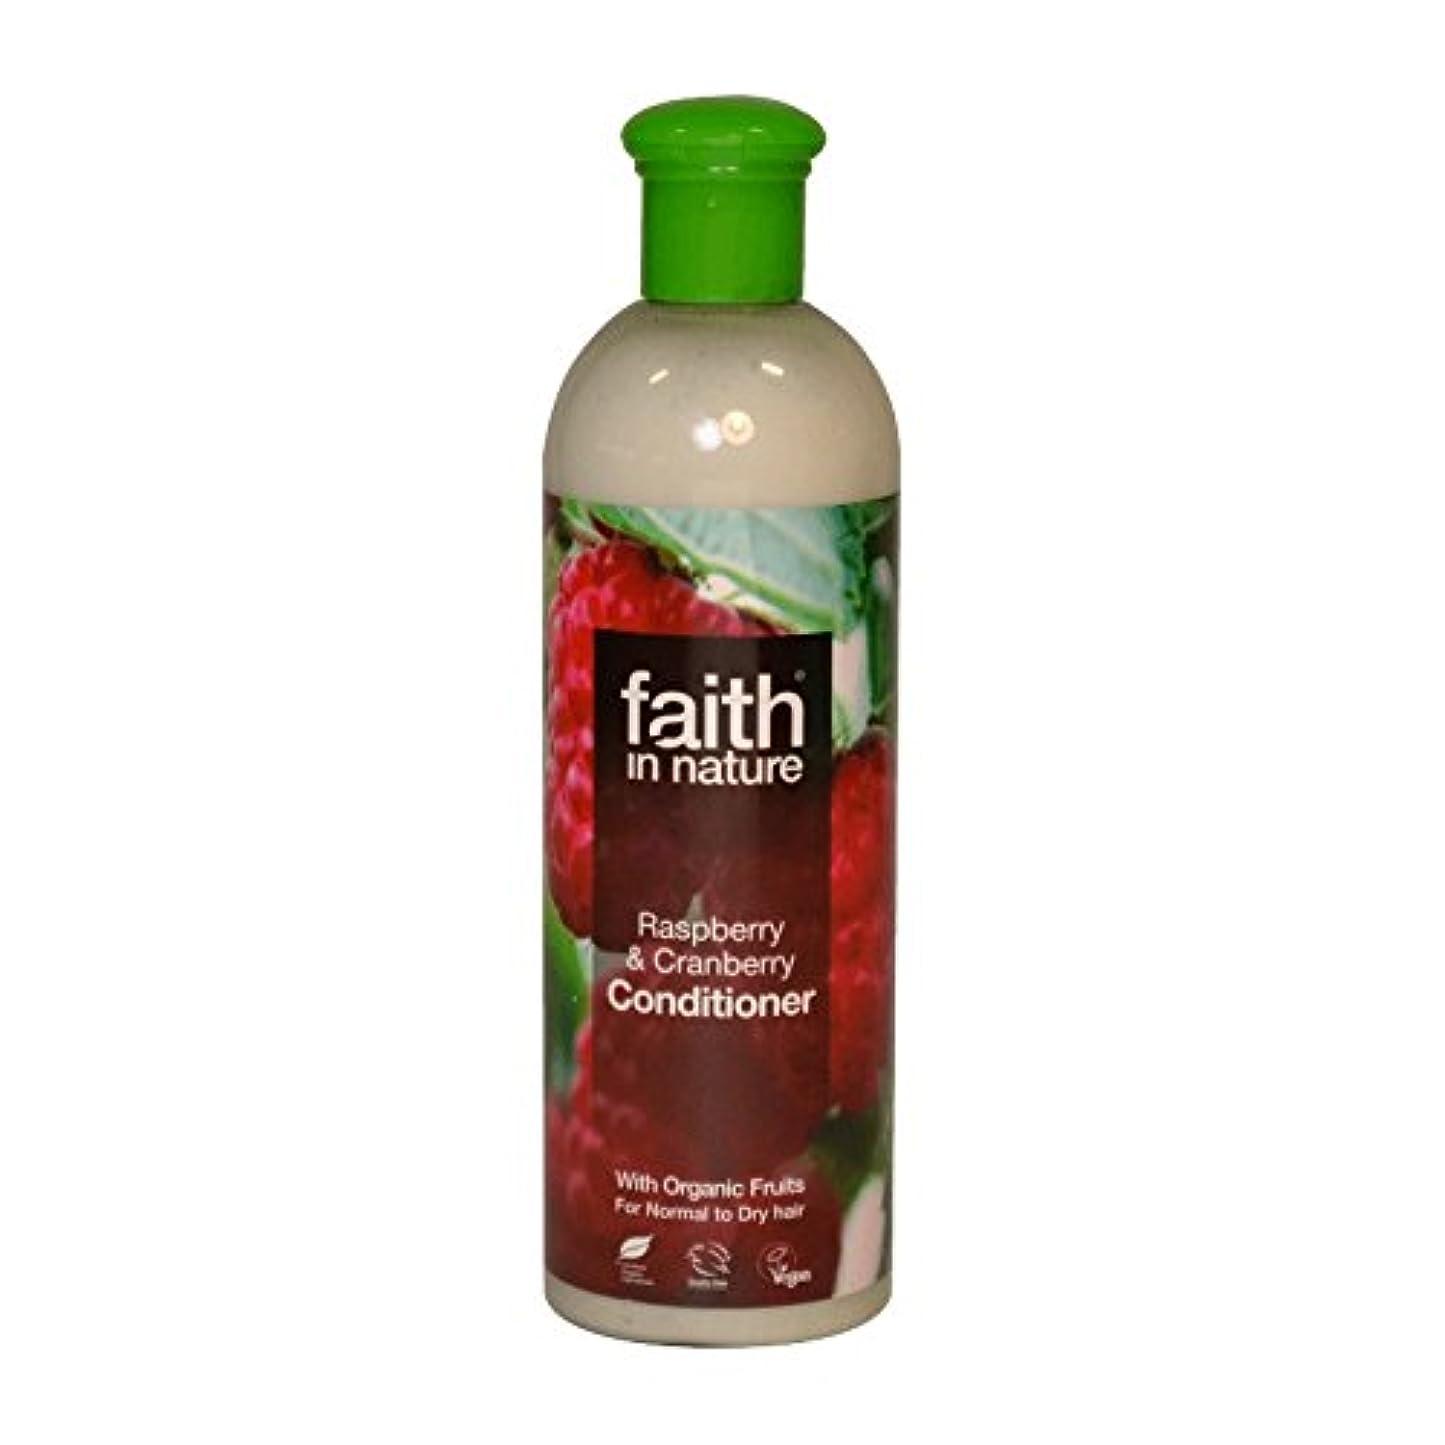 累計なんでも接触自然ラズベリー&クランベリーコンディショナー400ミリリットルの信仰 - Faith in Nature Raspberry & Cranberry Conditioner 400ml (Faith in Nature)...